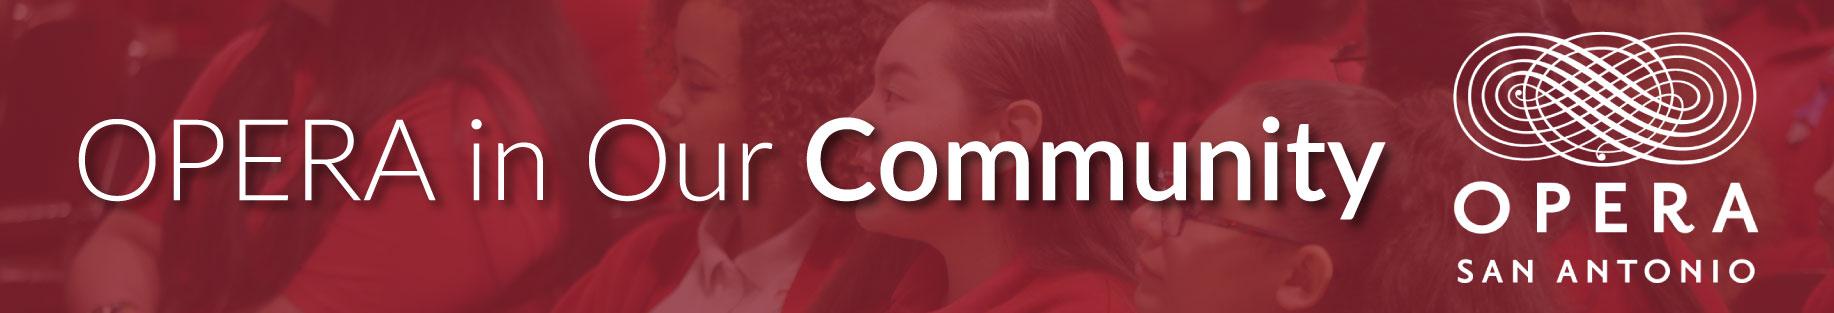 CommunityOutreach_Banner.jpg